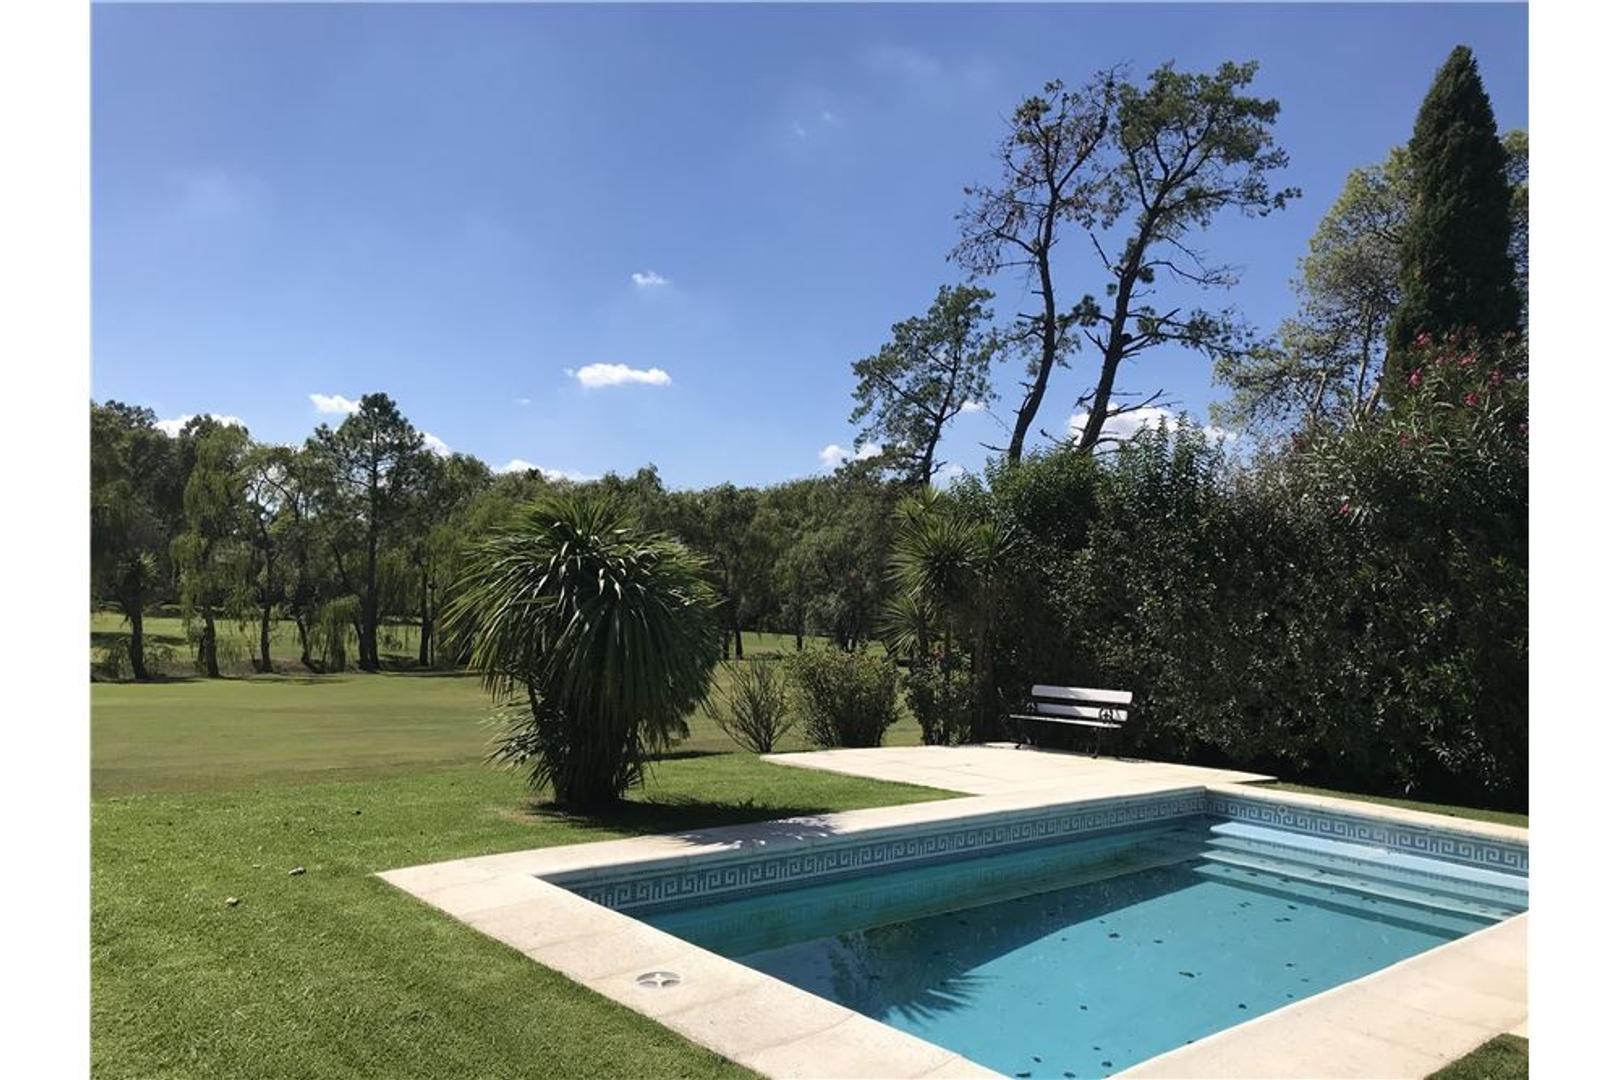 Venta Casa 4amb Jardin c/vista cancha Golf - Pilar - Foto 17